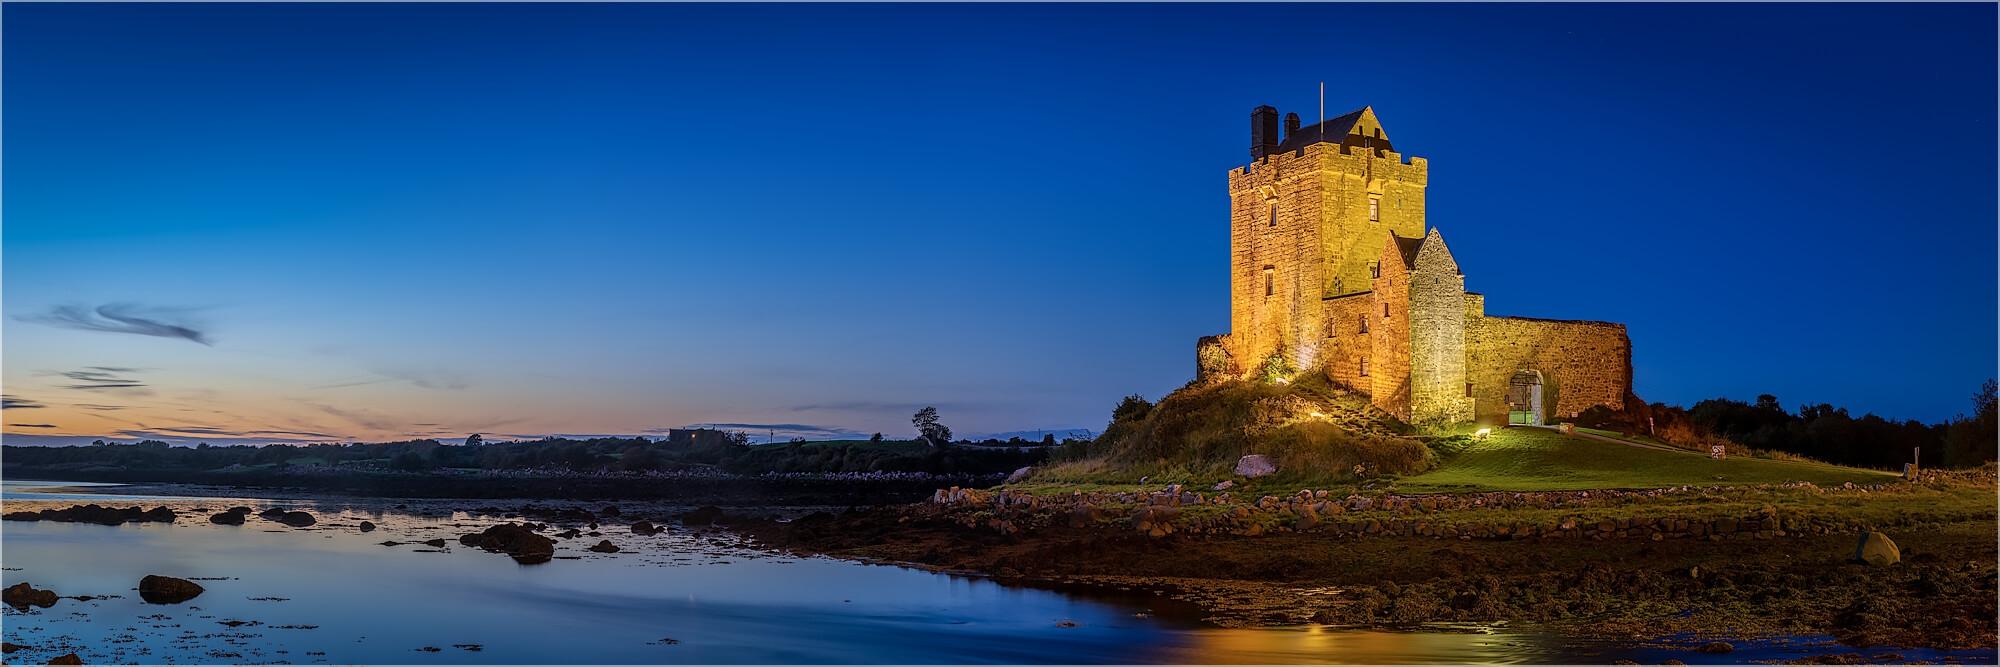 Panoramabild Burg Dunguaire Kinvarra Irland